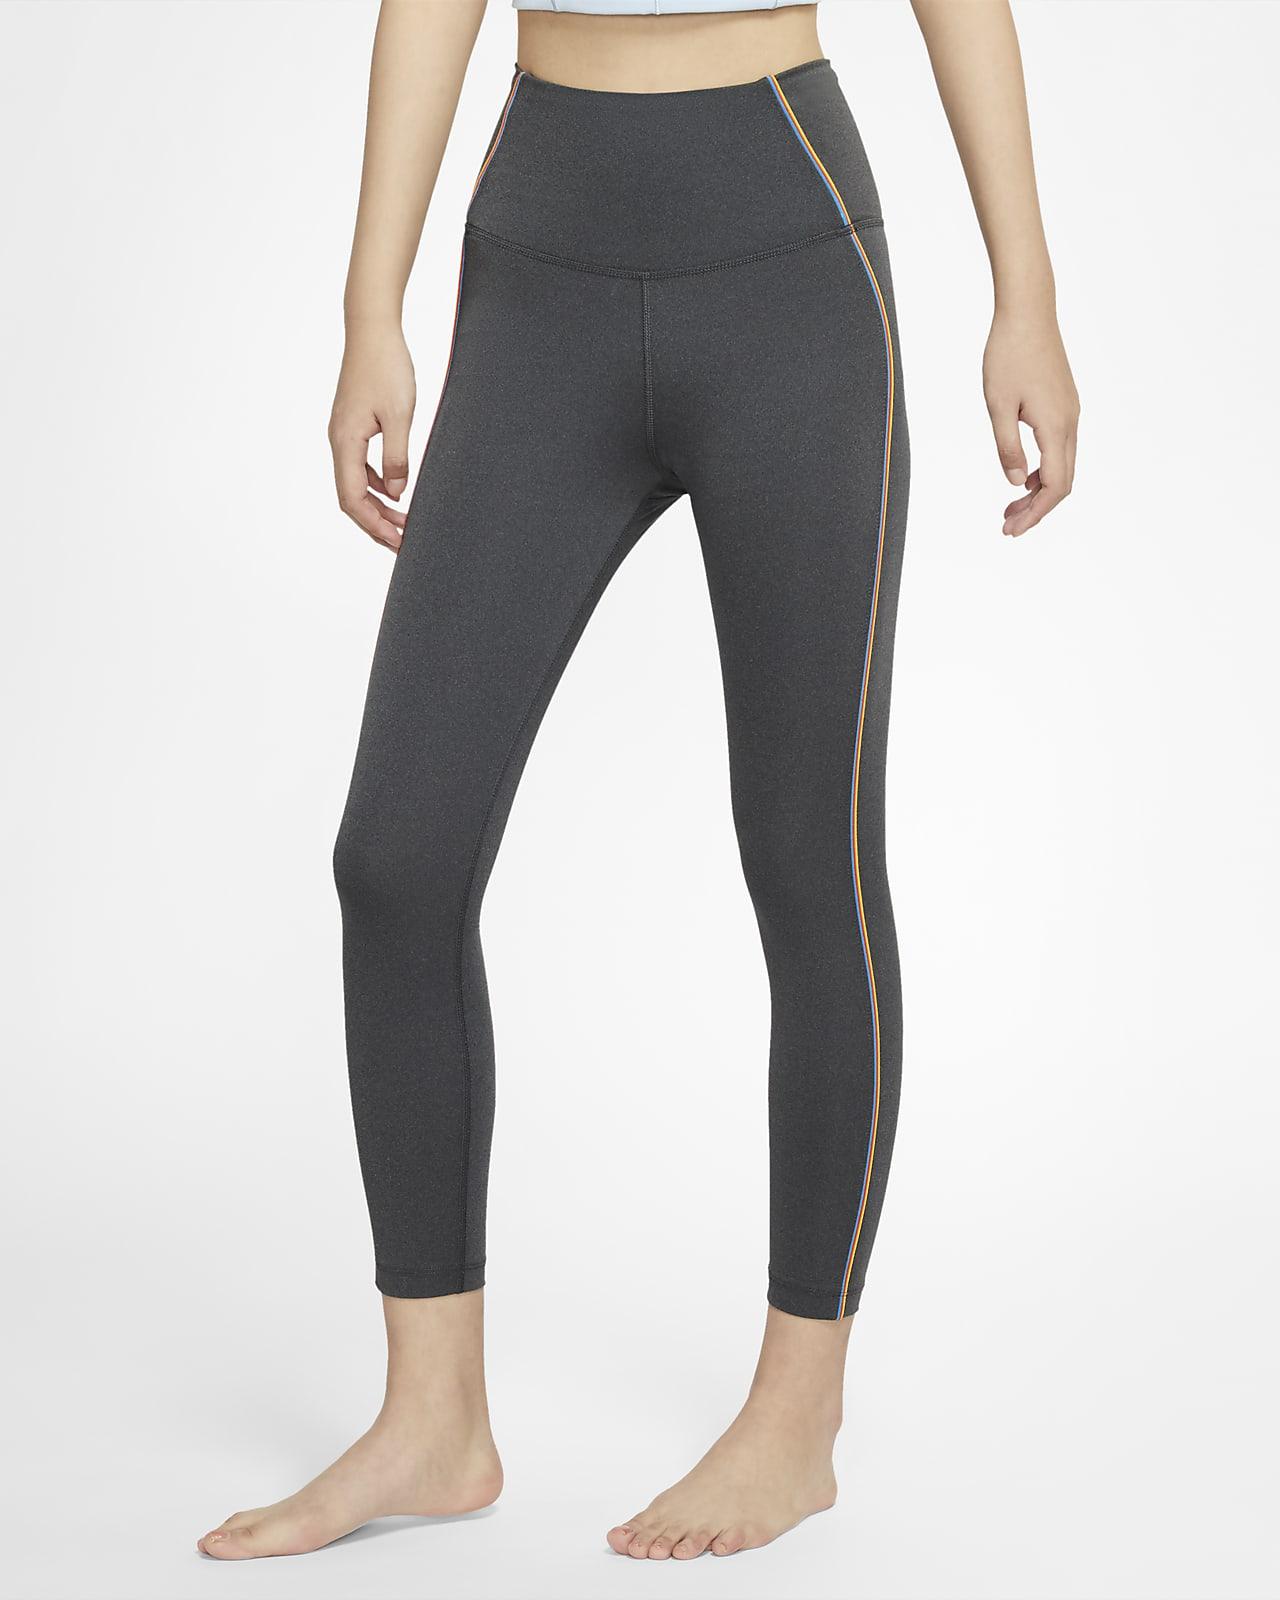 เลกกิ้งผู้หญิง 7/8 ส่วน Nike Yoga